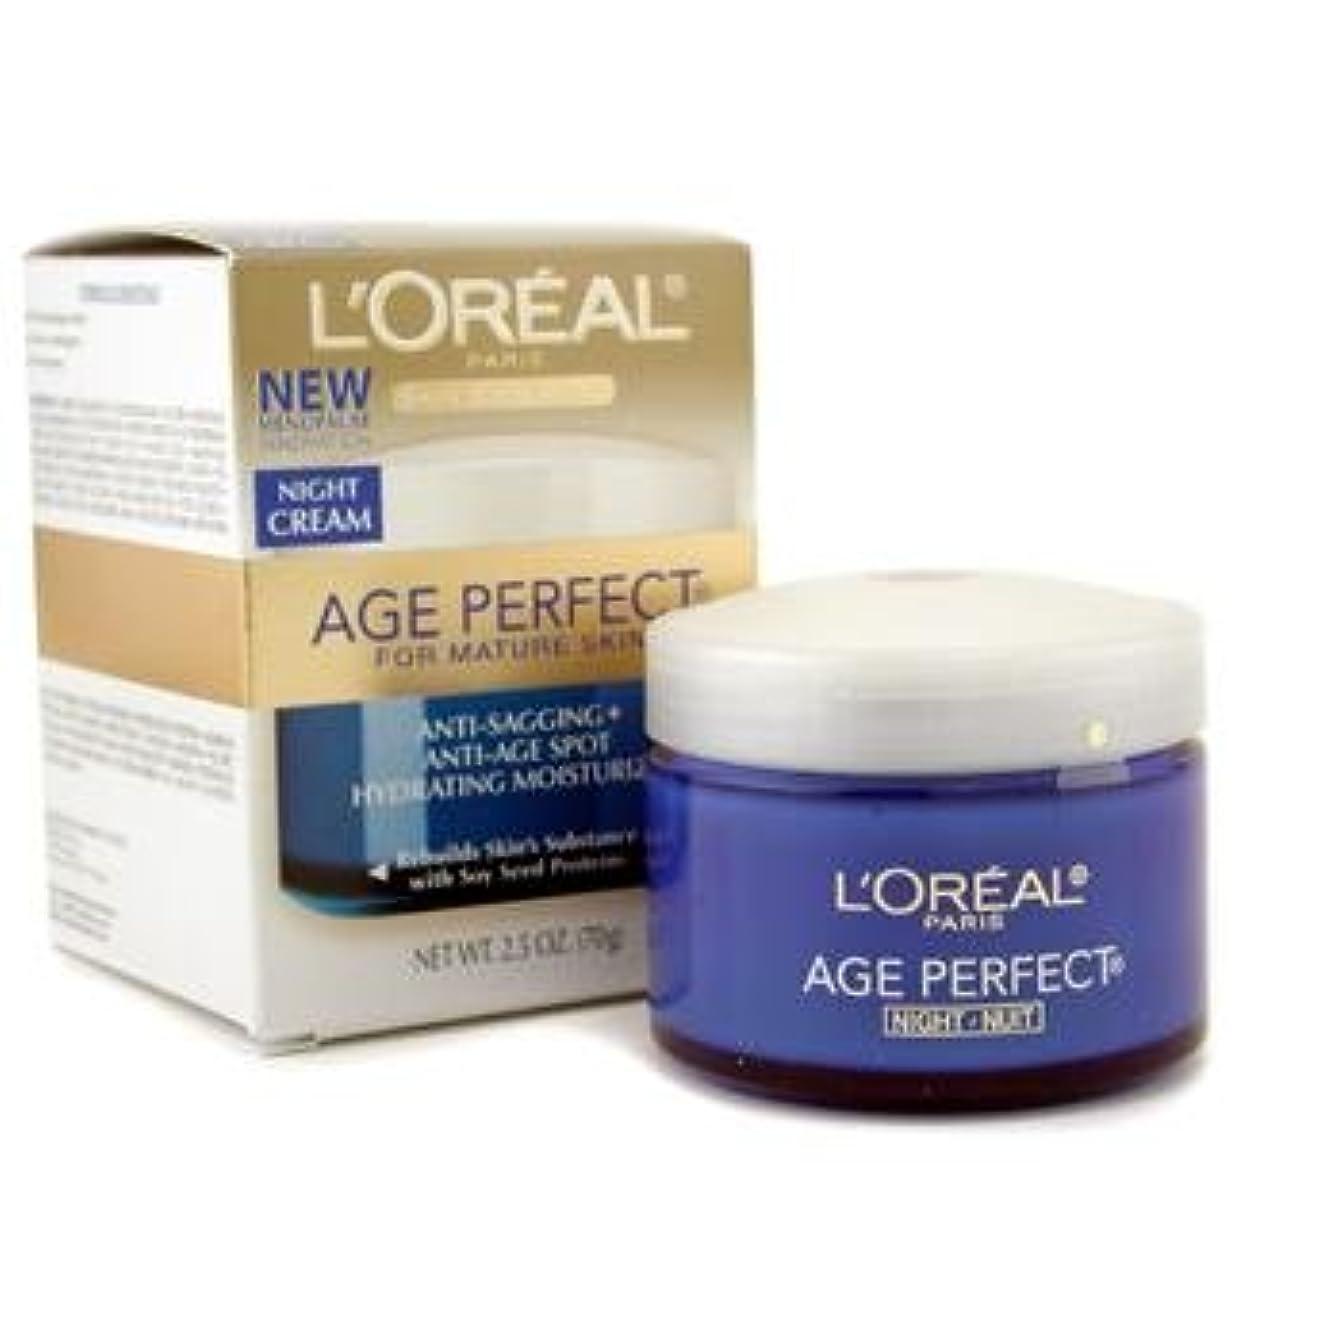 説教オーバーヘッド心配[LOreal] Skin Expertise Age Perfect Night Cream ( For Mature Skin ) 70g/2.5oz